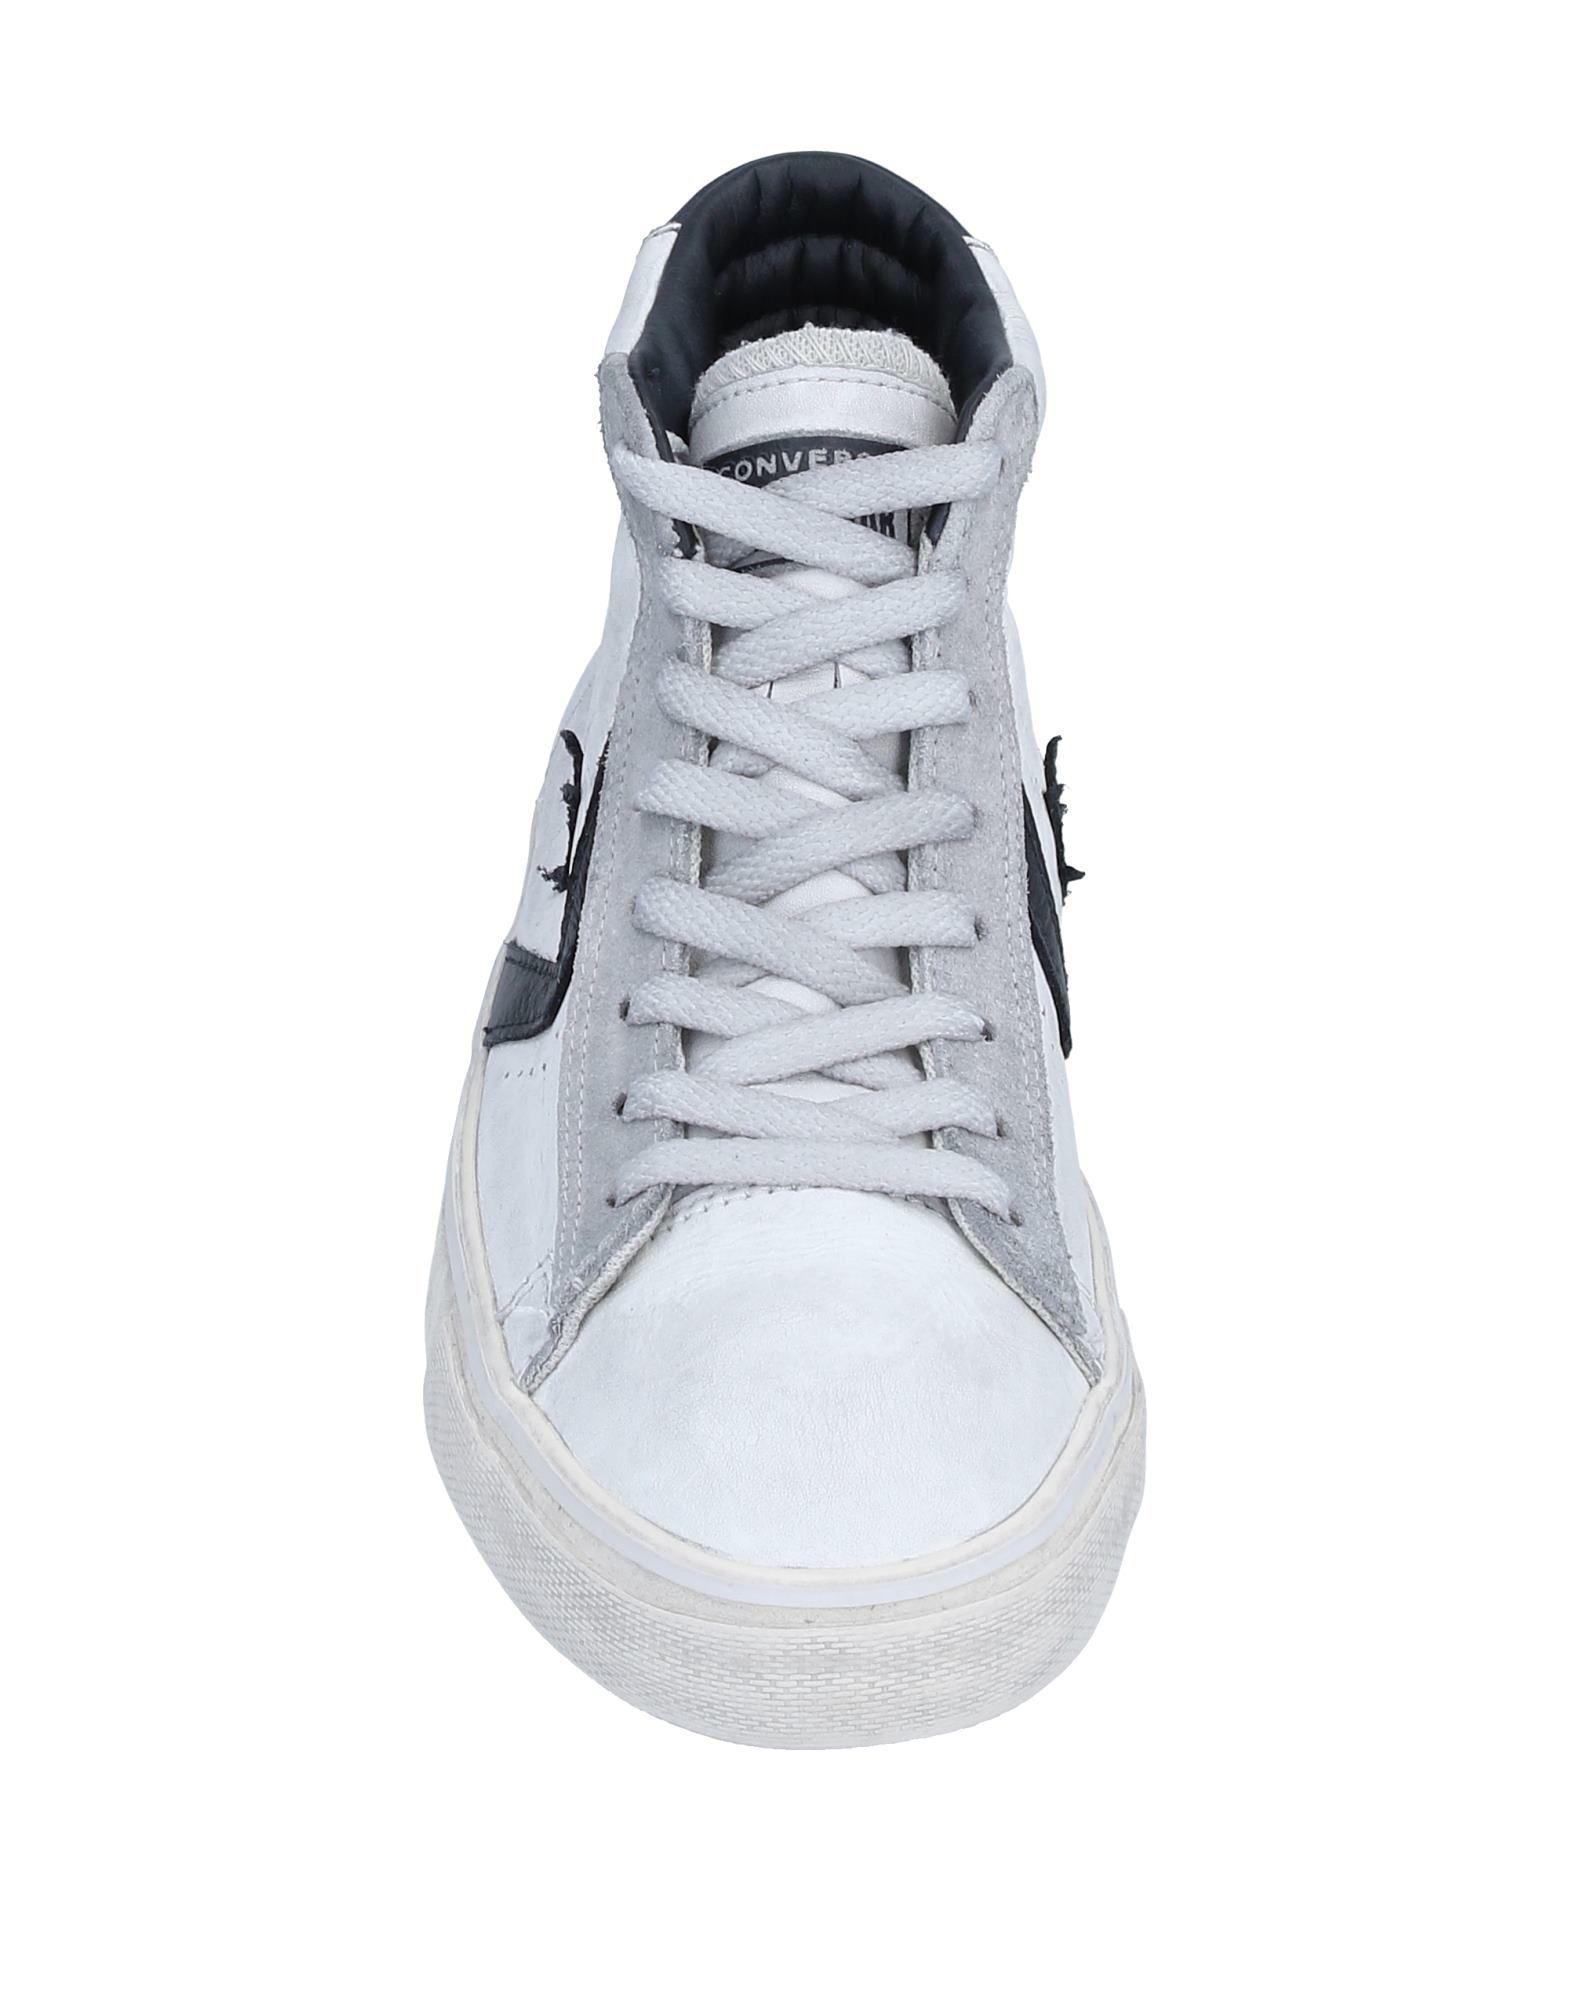 Sneakers abotinadas Converse de Cuero de color Gris para hombre